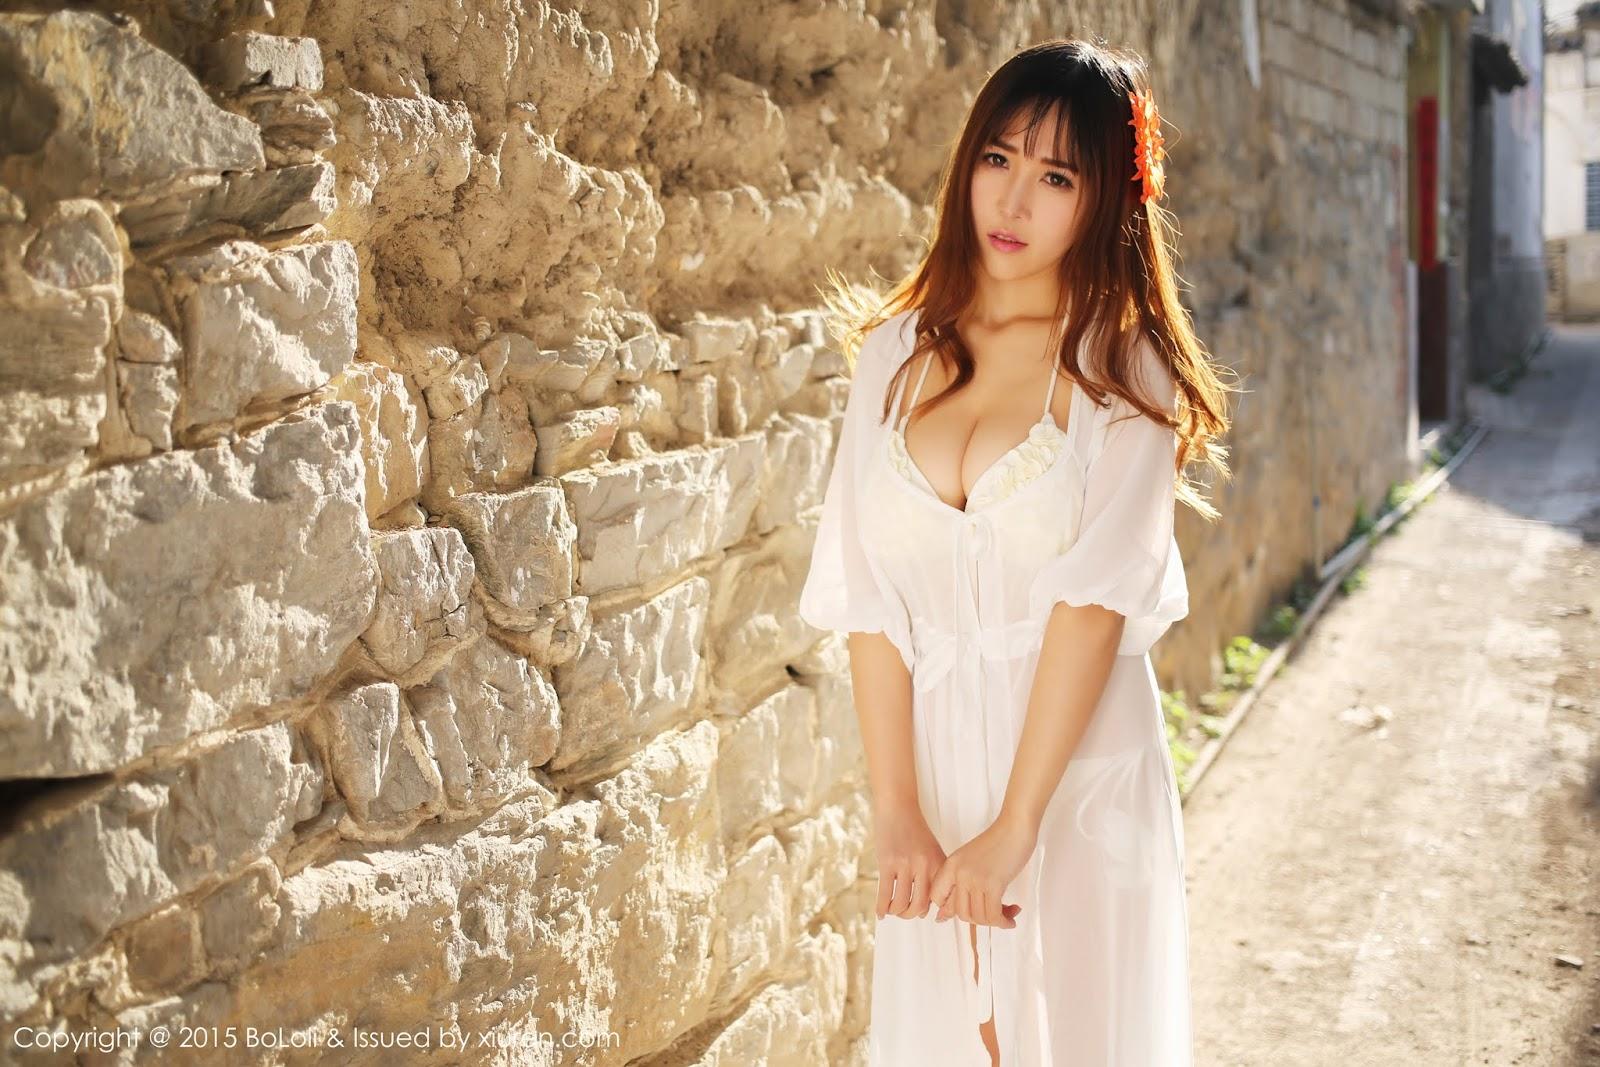 0038 - BOLOLI VOL.4 Beautiful Sexy Nude Girl